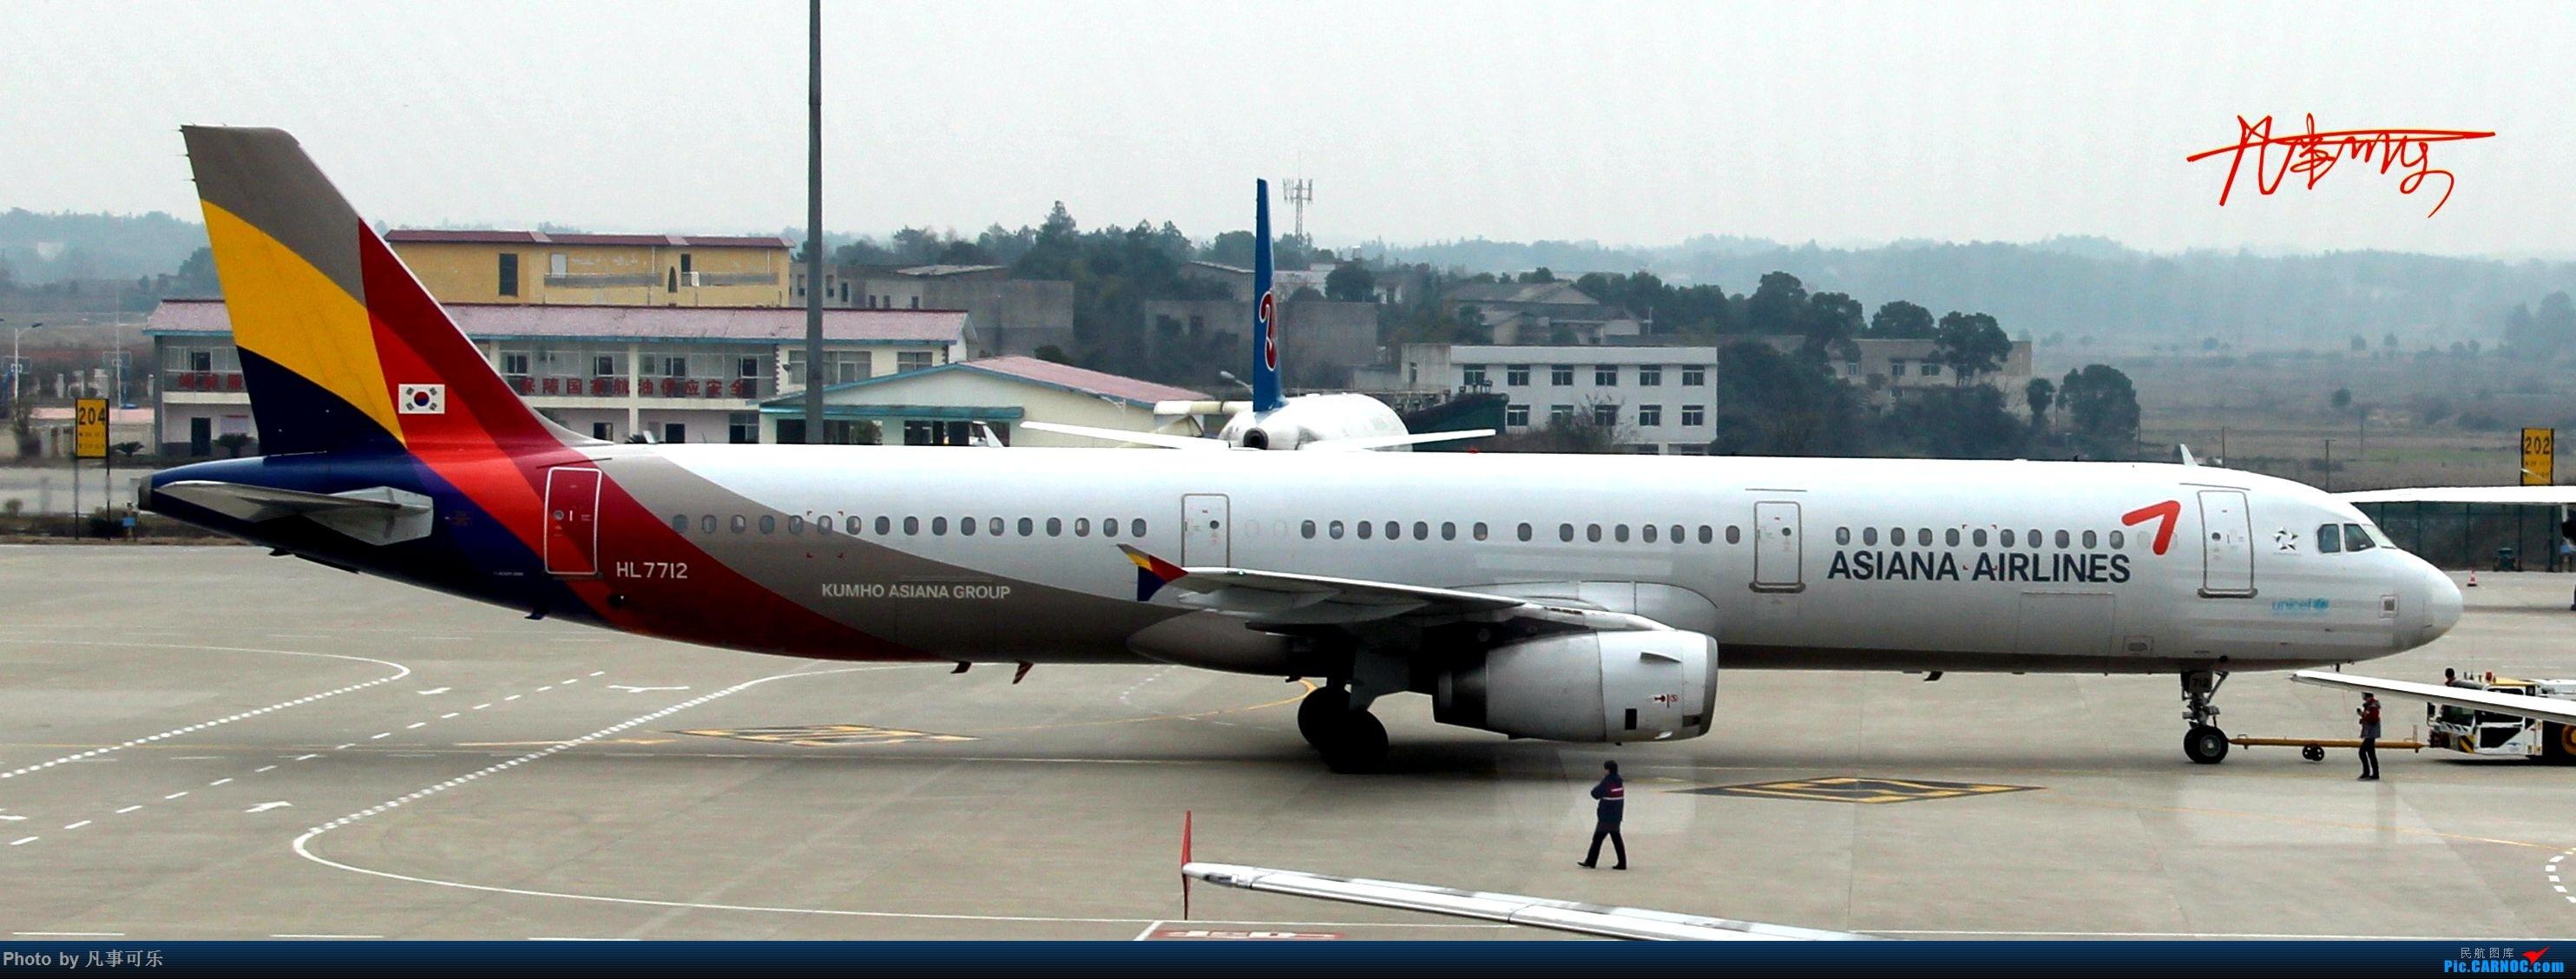 [原创]这几年国内外拍的一些机 AIRBUS A321 HL7712 中国长沙黄花国际机场